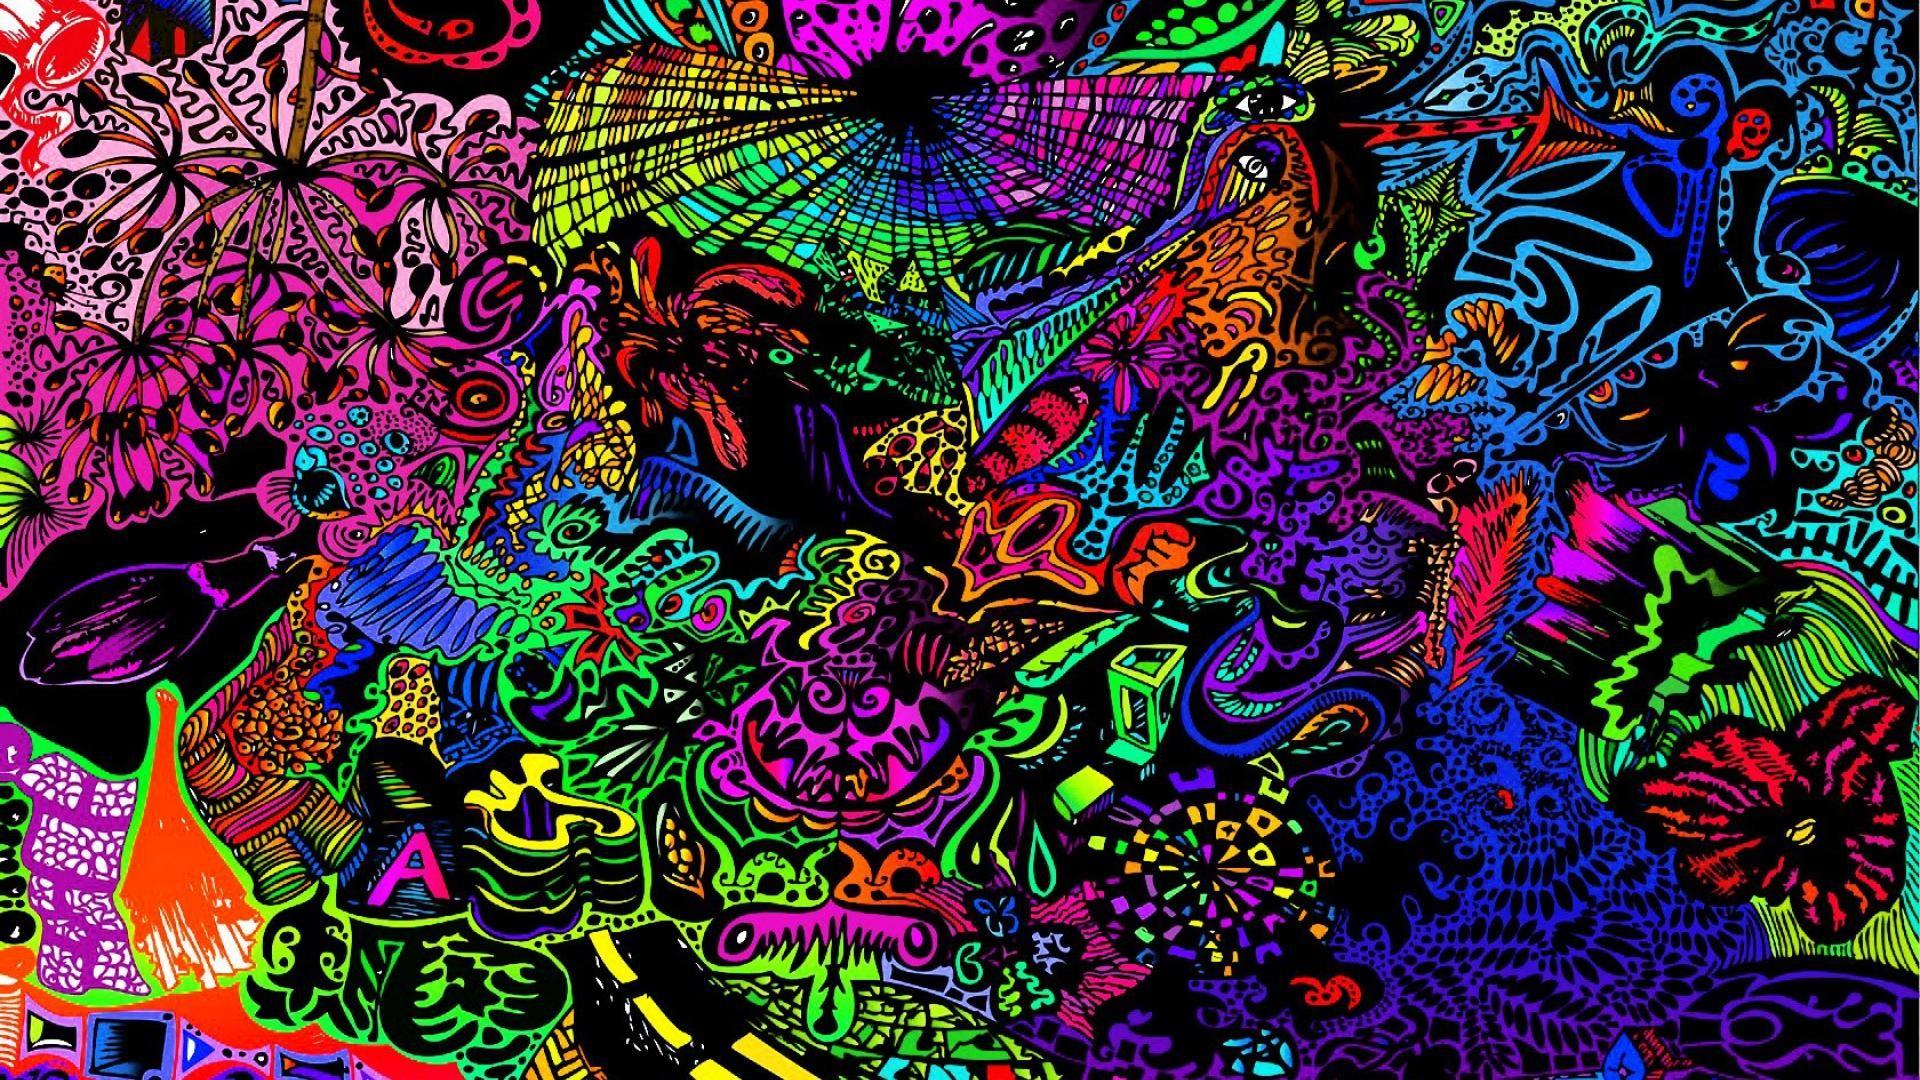 Trippy Wonderland Wallpaper Trippy Alice in Wonderland